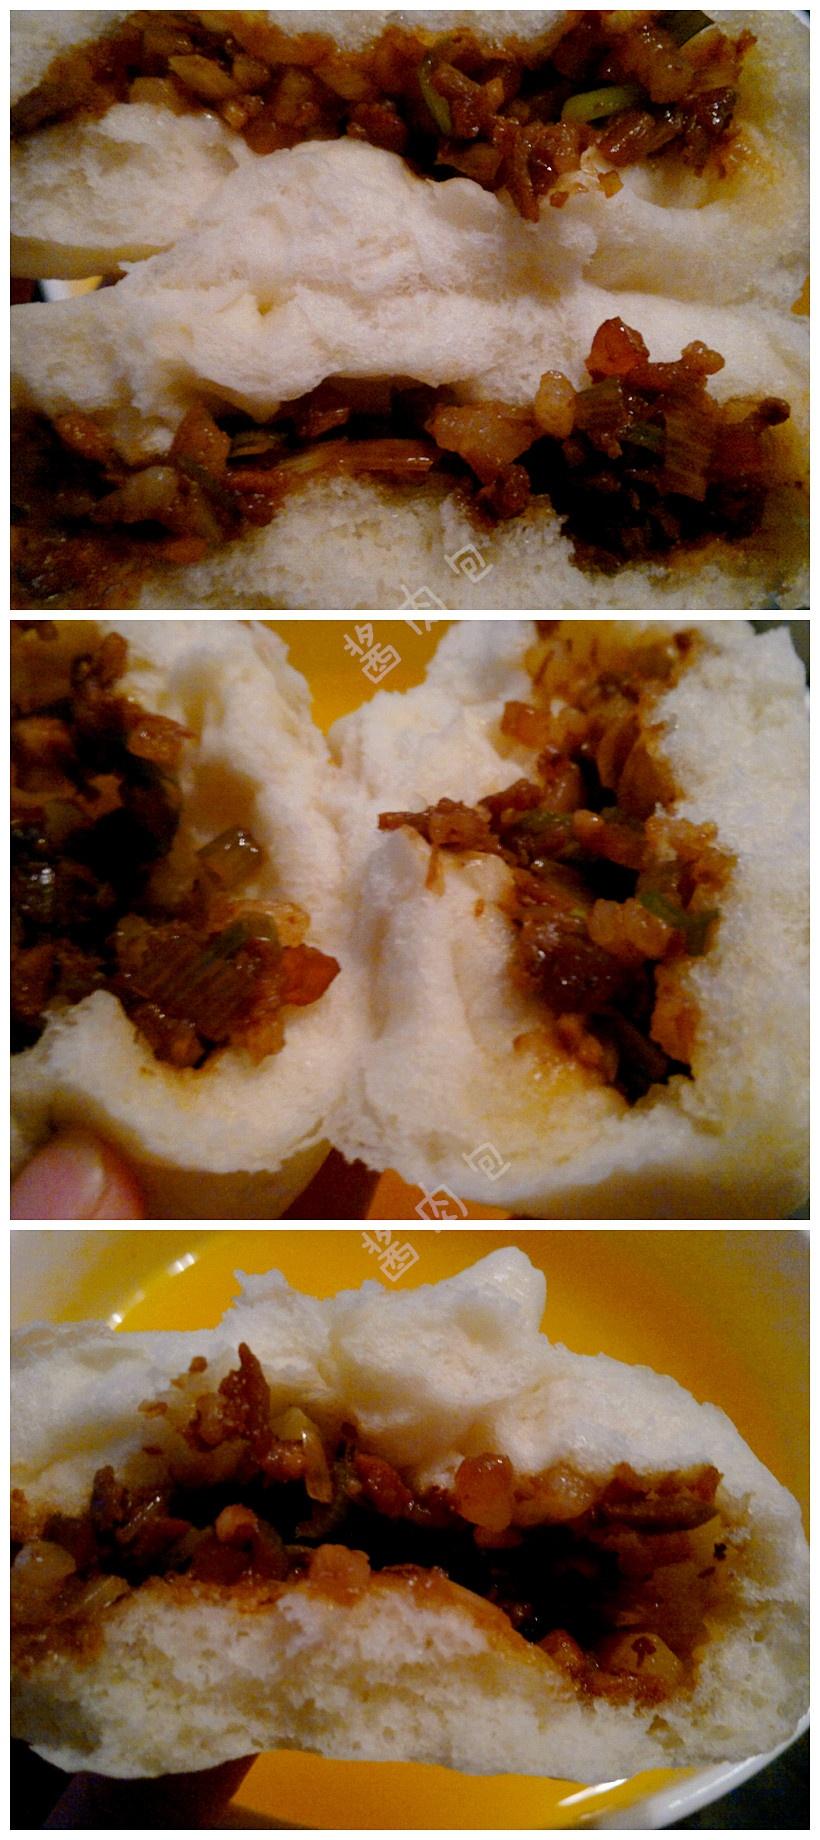 早餐佐粥酱肉包 - 慢美食博客 - 慢美食博客 美食厨房